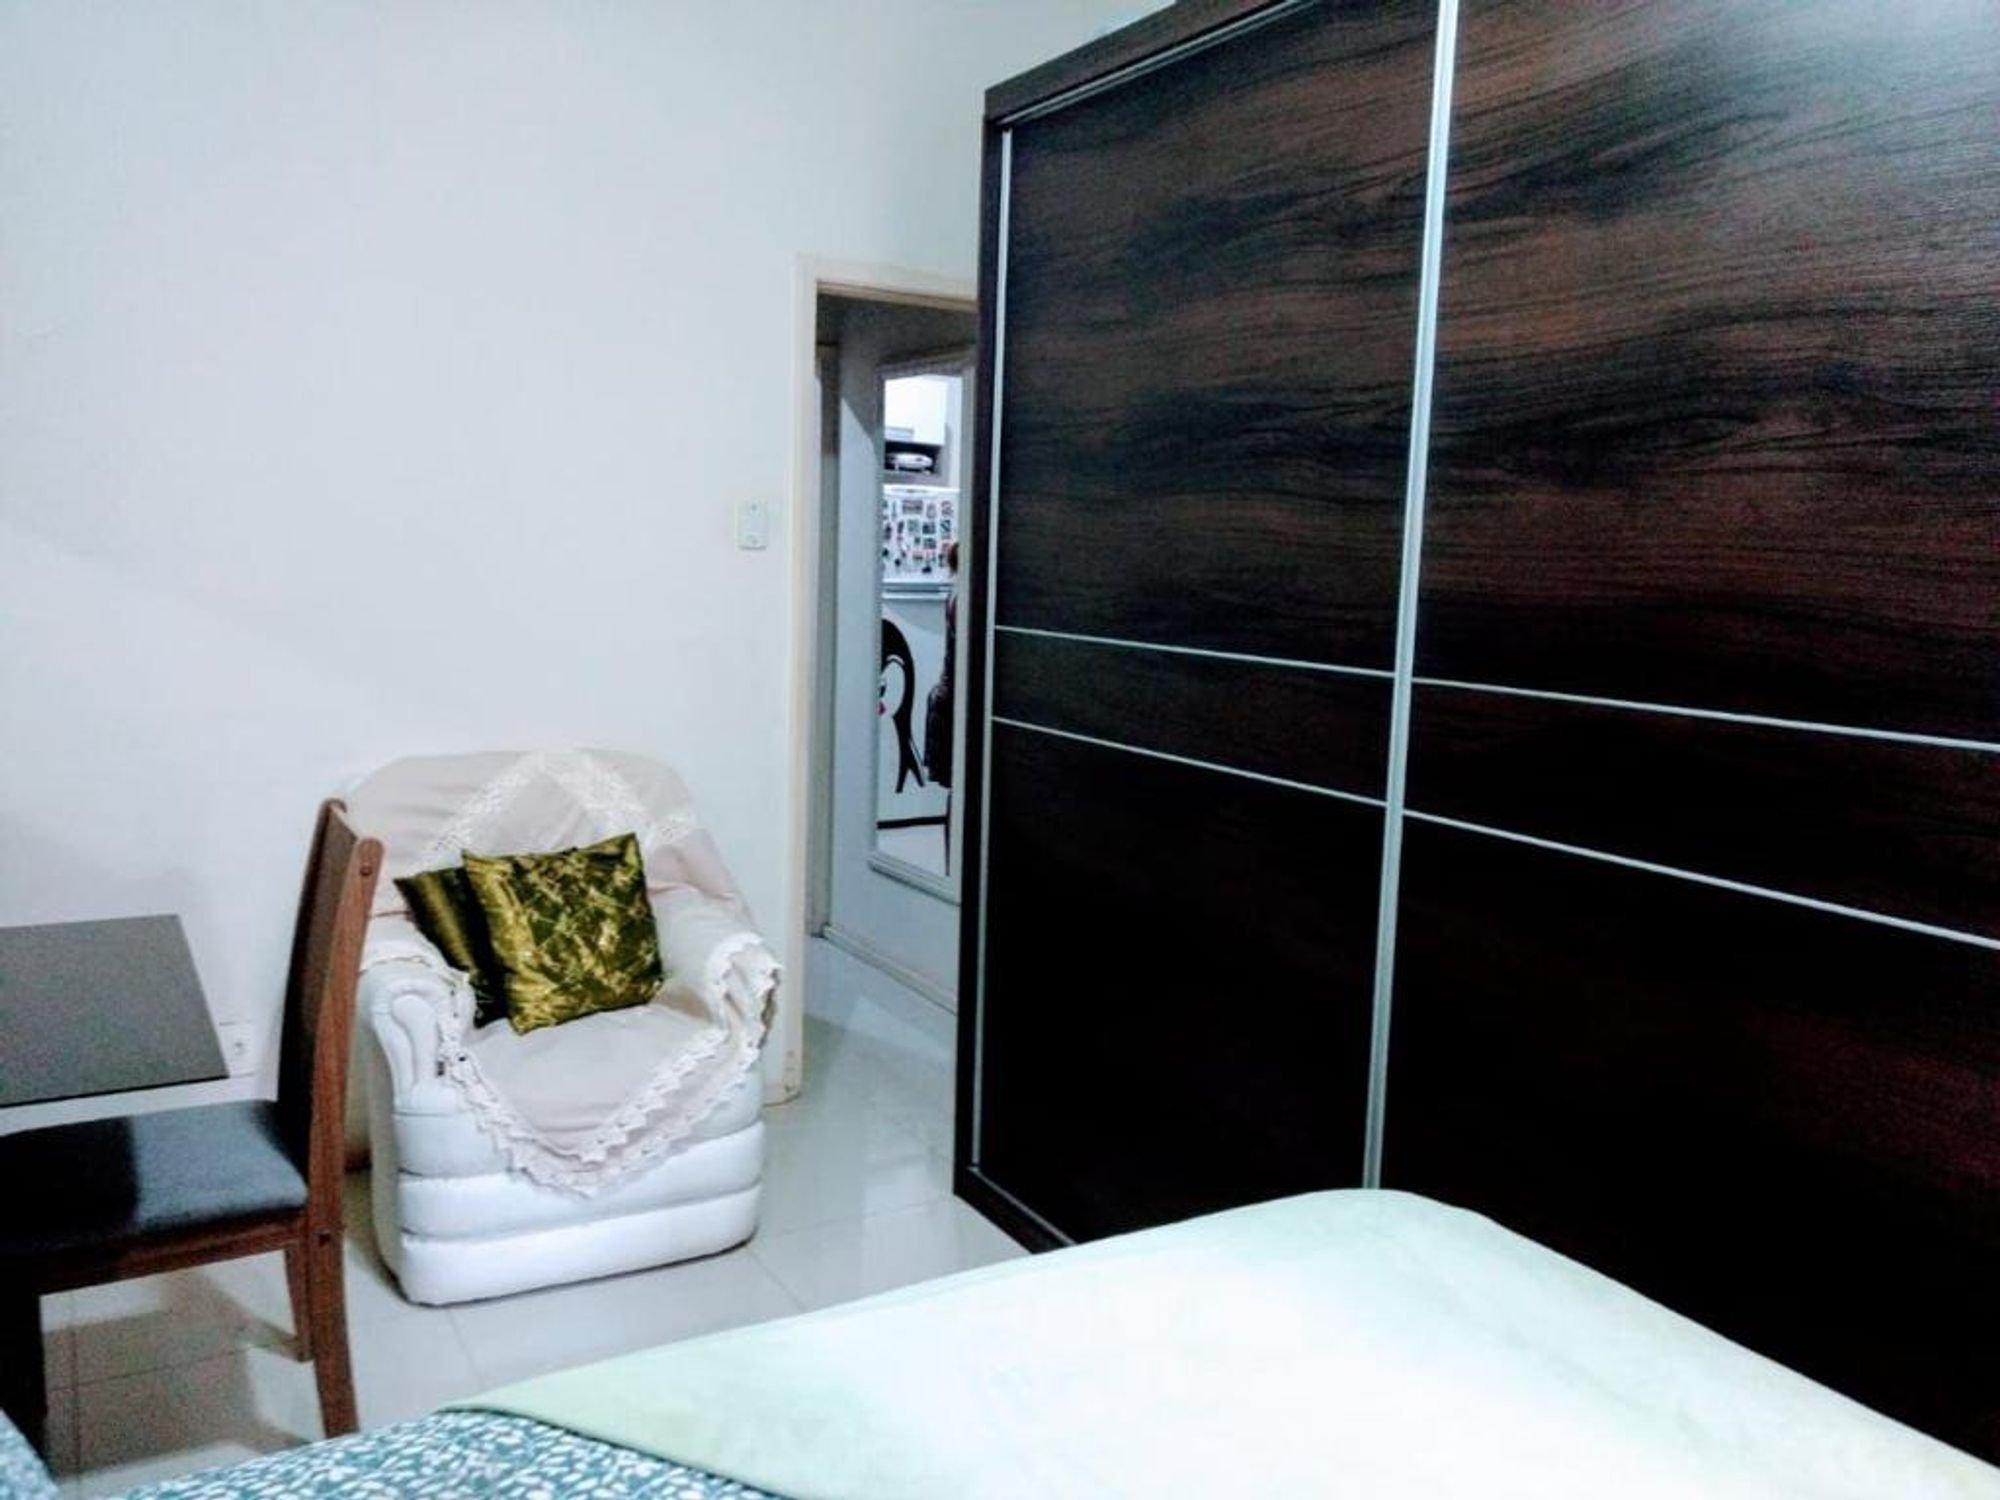 Foto de Varanda com cama, cadeira